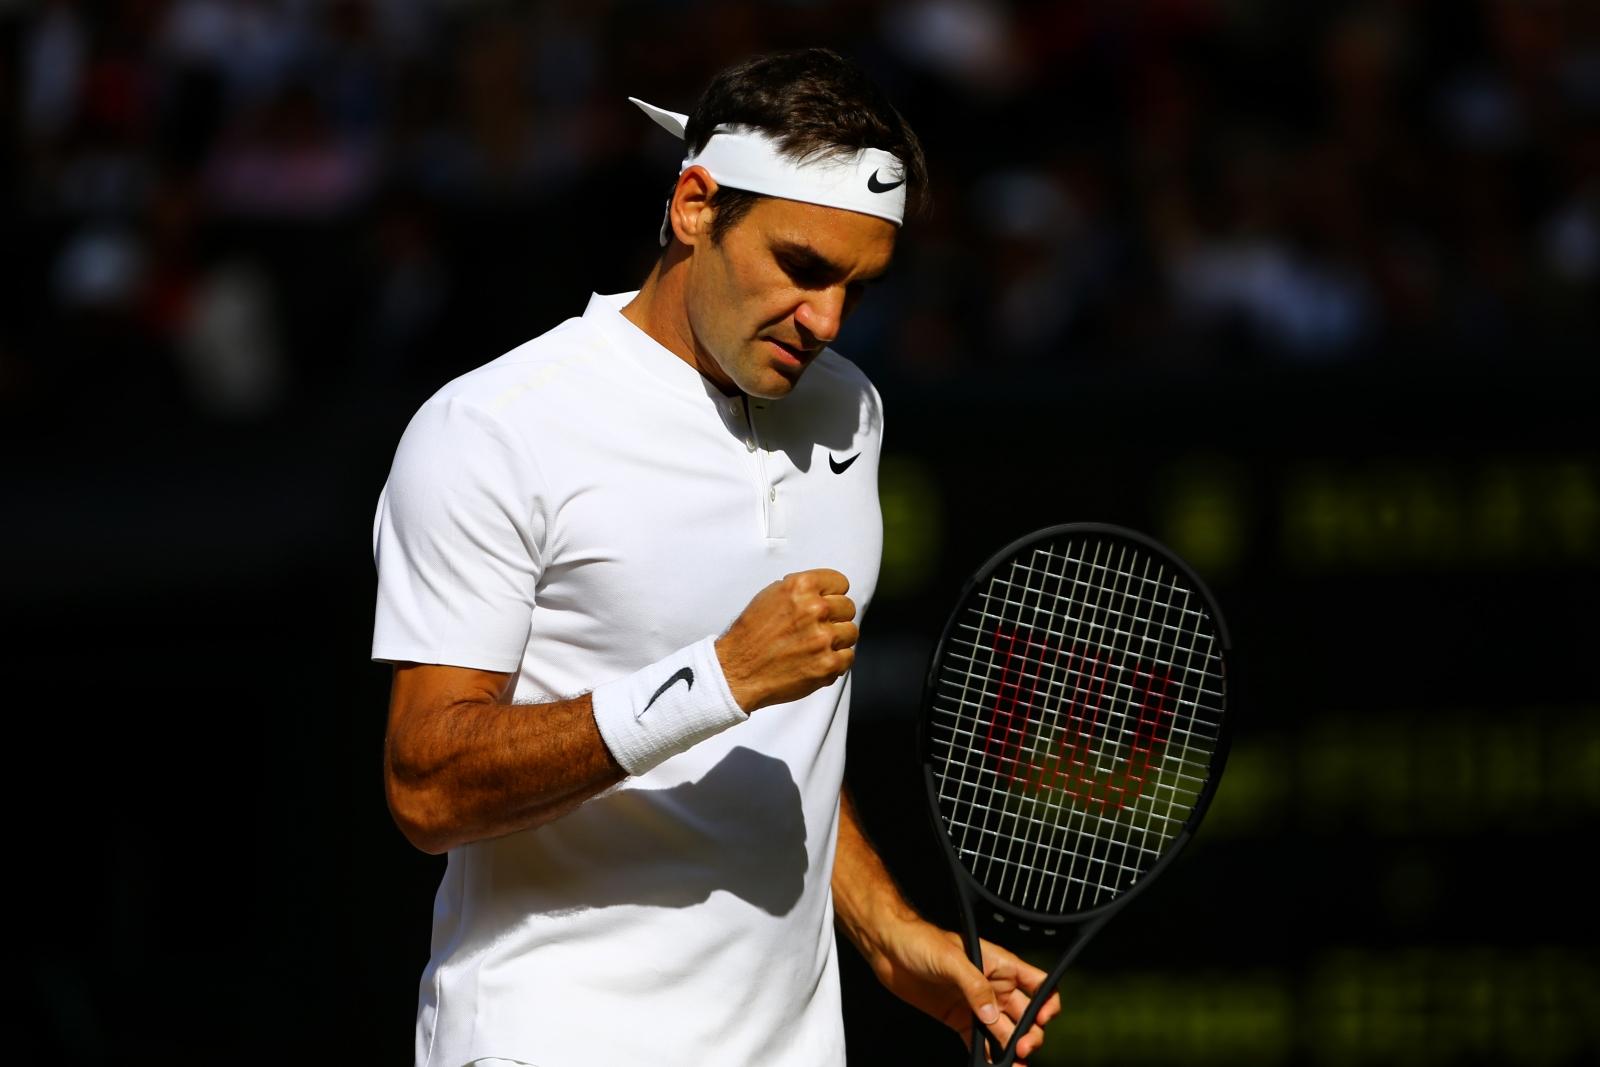 Novak Djokovic retires from Wimbledon with arm injury